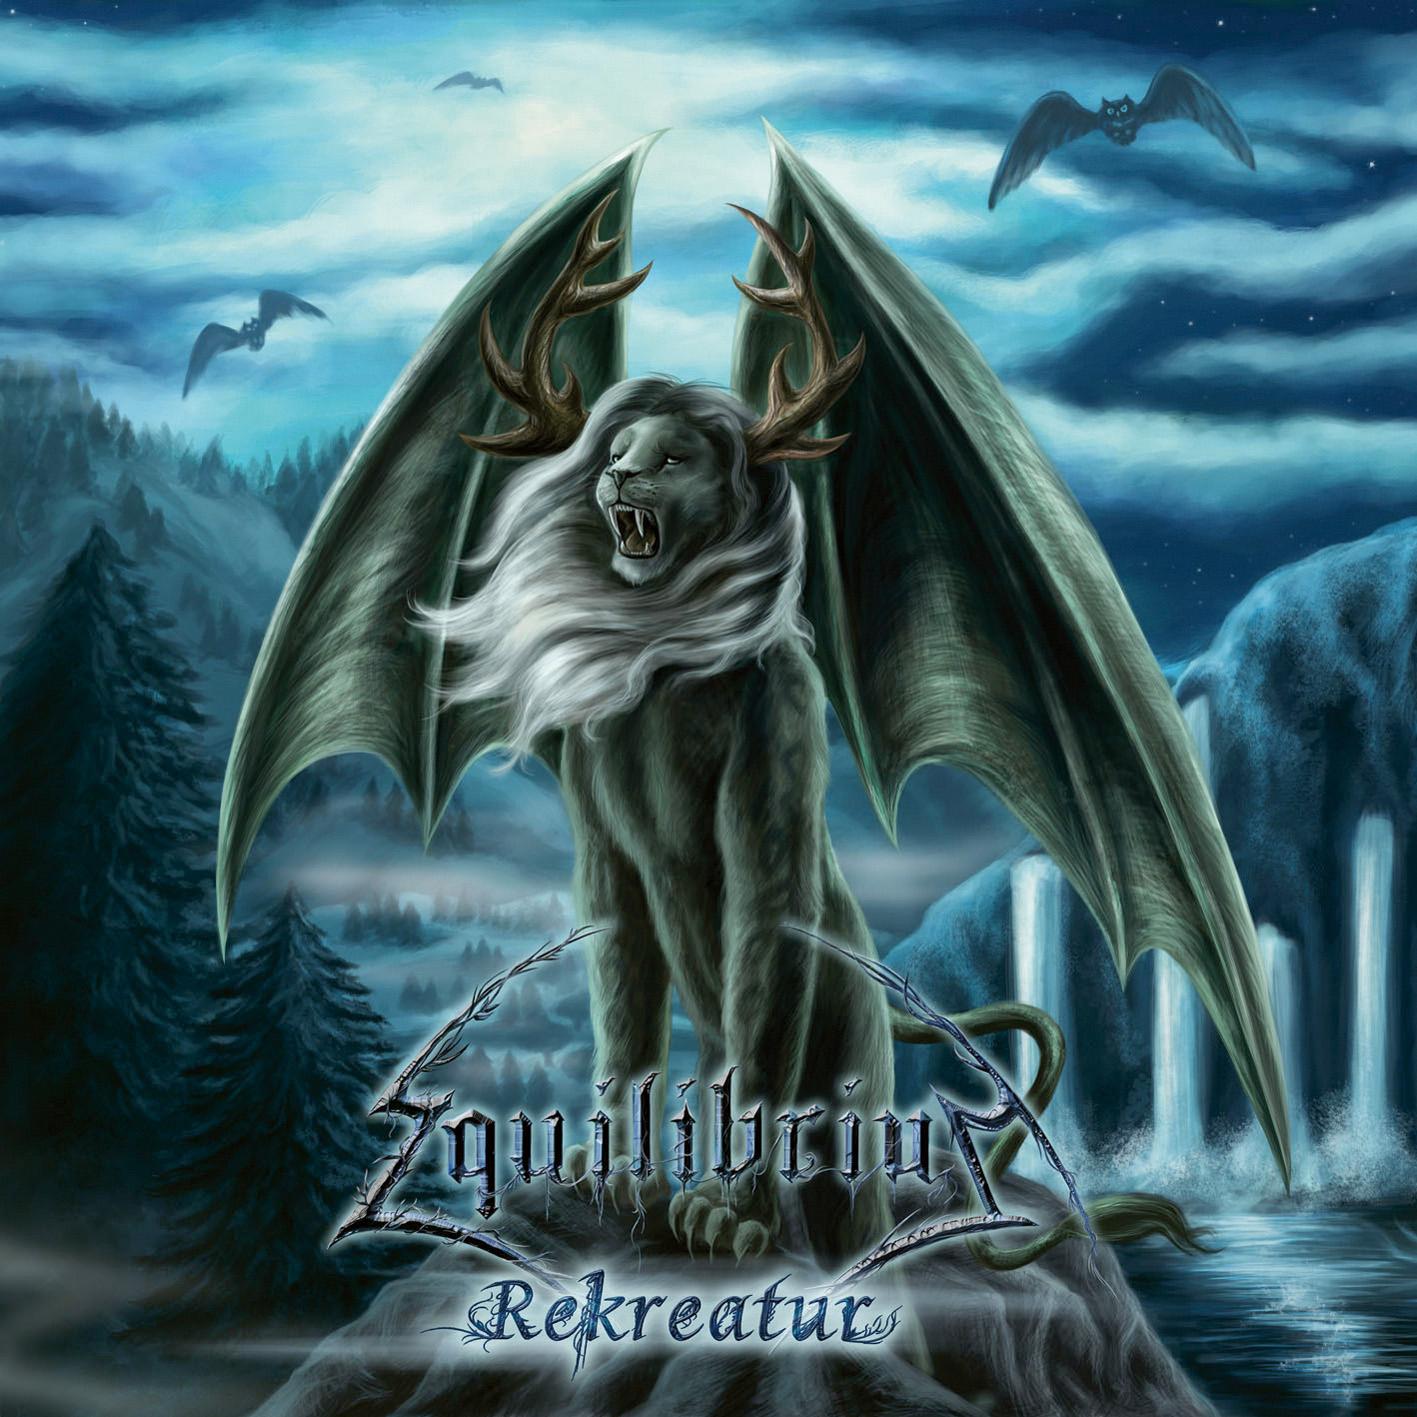 Equilibrium – Rekreatur Review